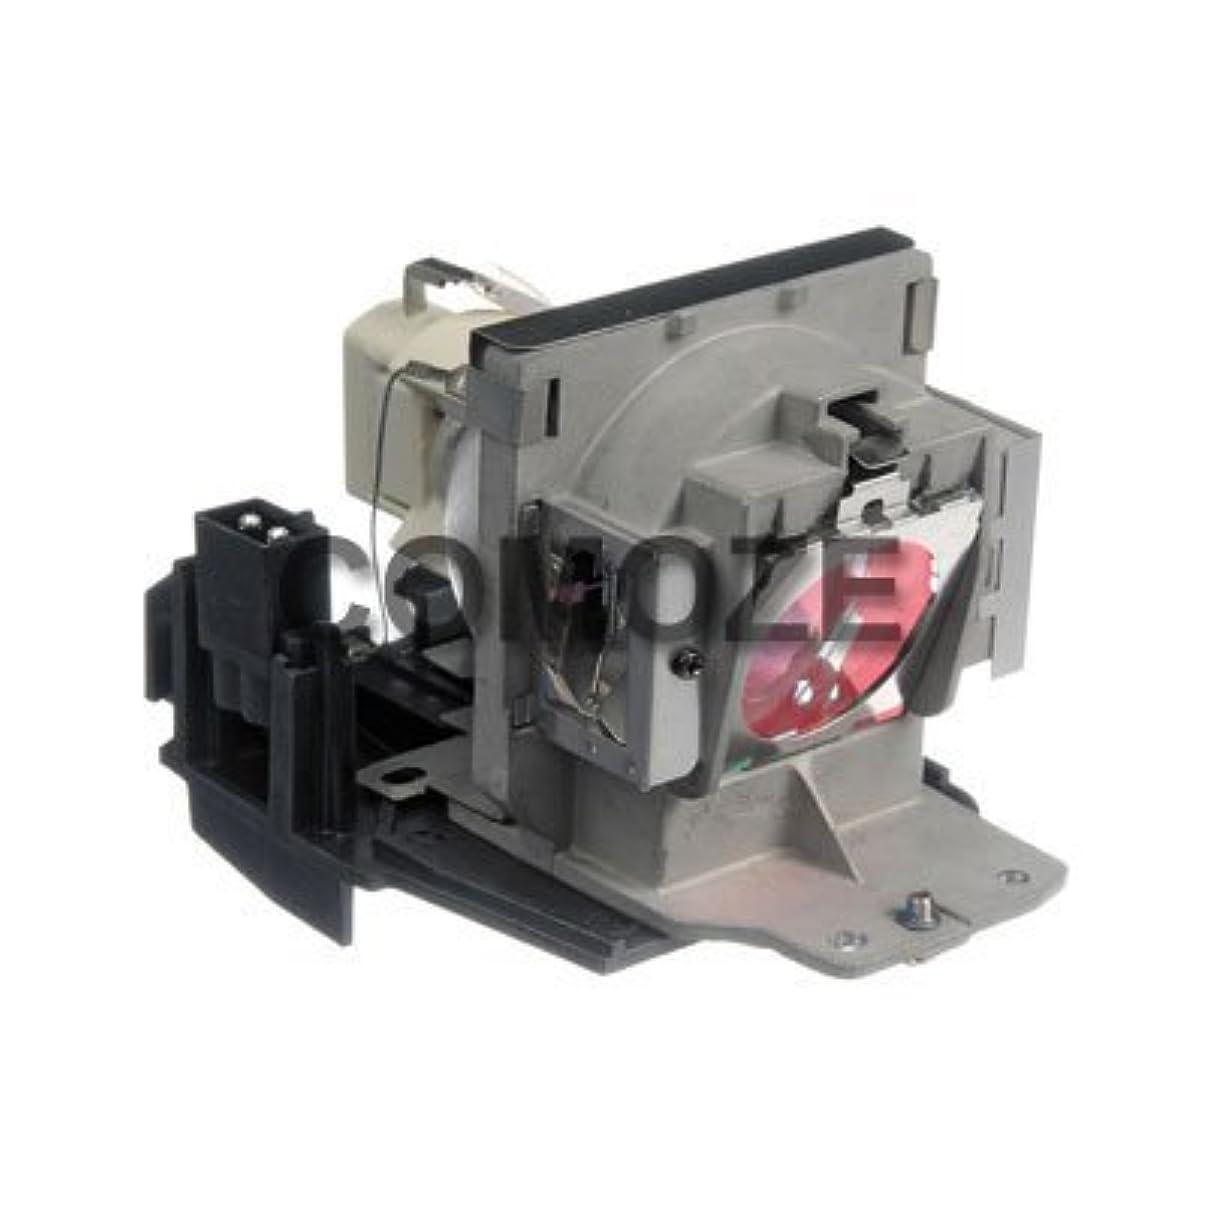 カウンタ注文言い直すComoze ランプ Benq ep1230 プロジェクター用 ハウジング付き